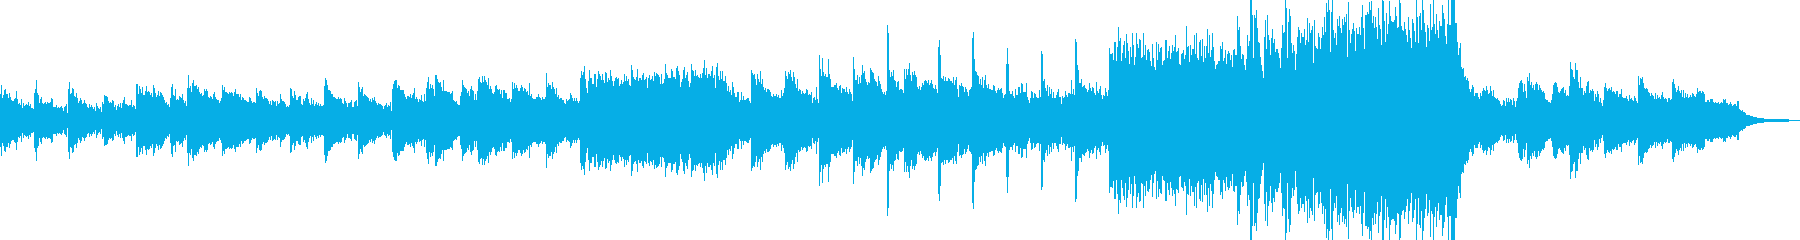 インディー センチメンタル 技術的...の再生済みの波形